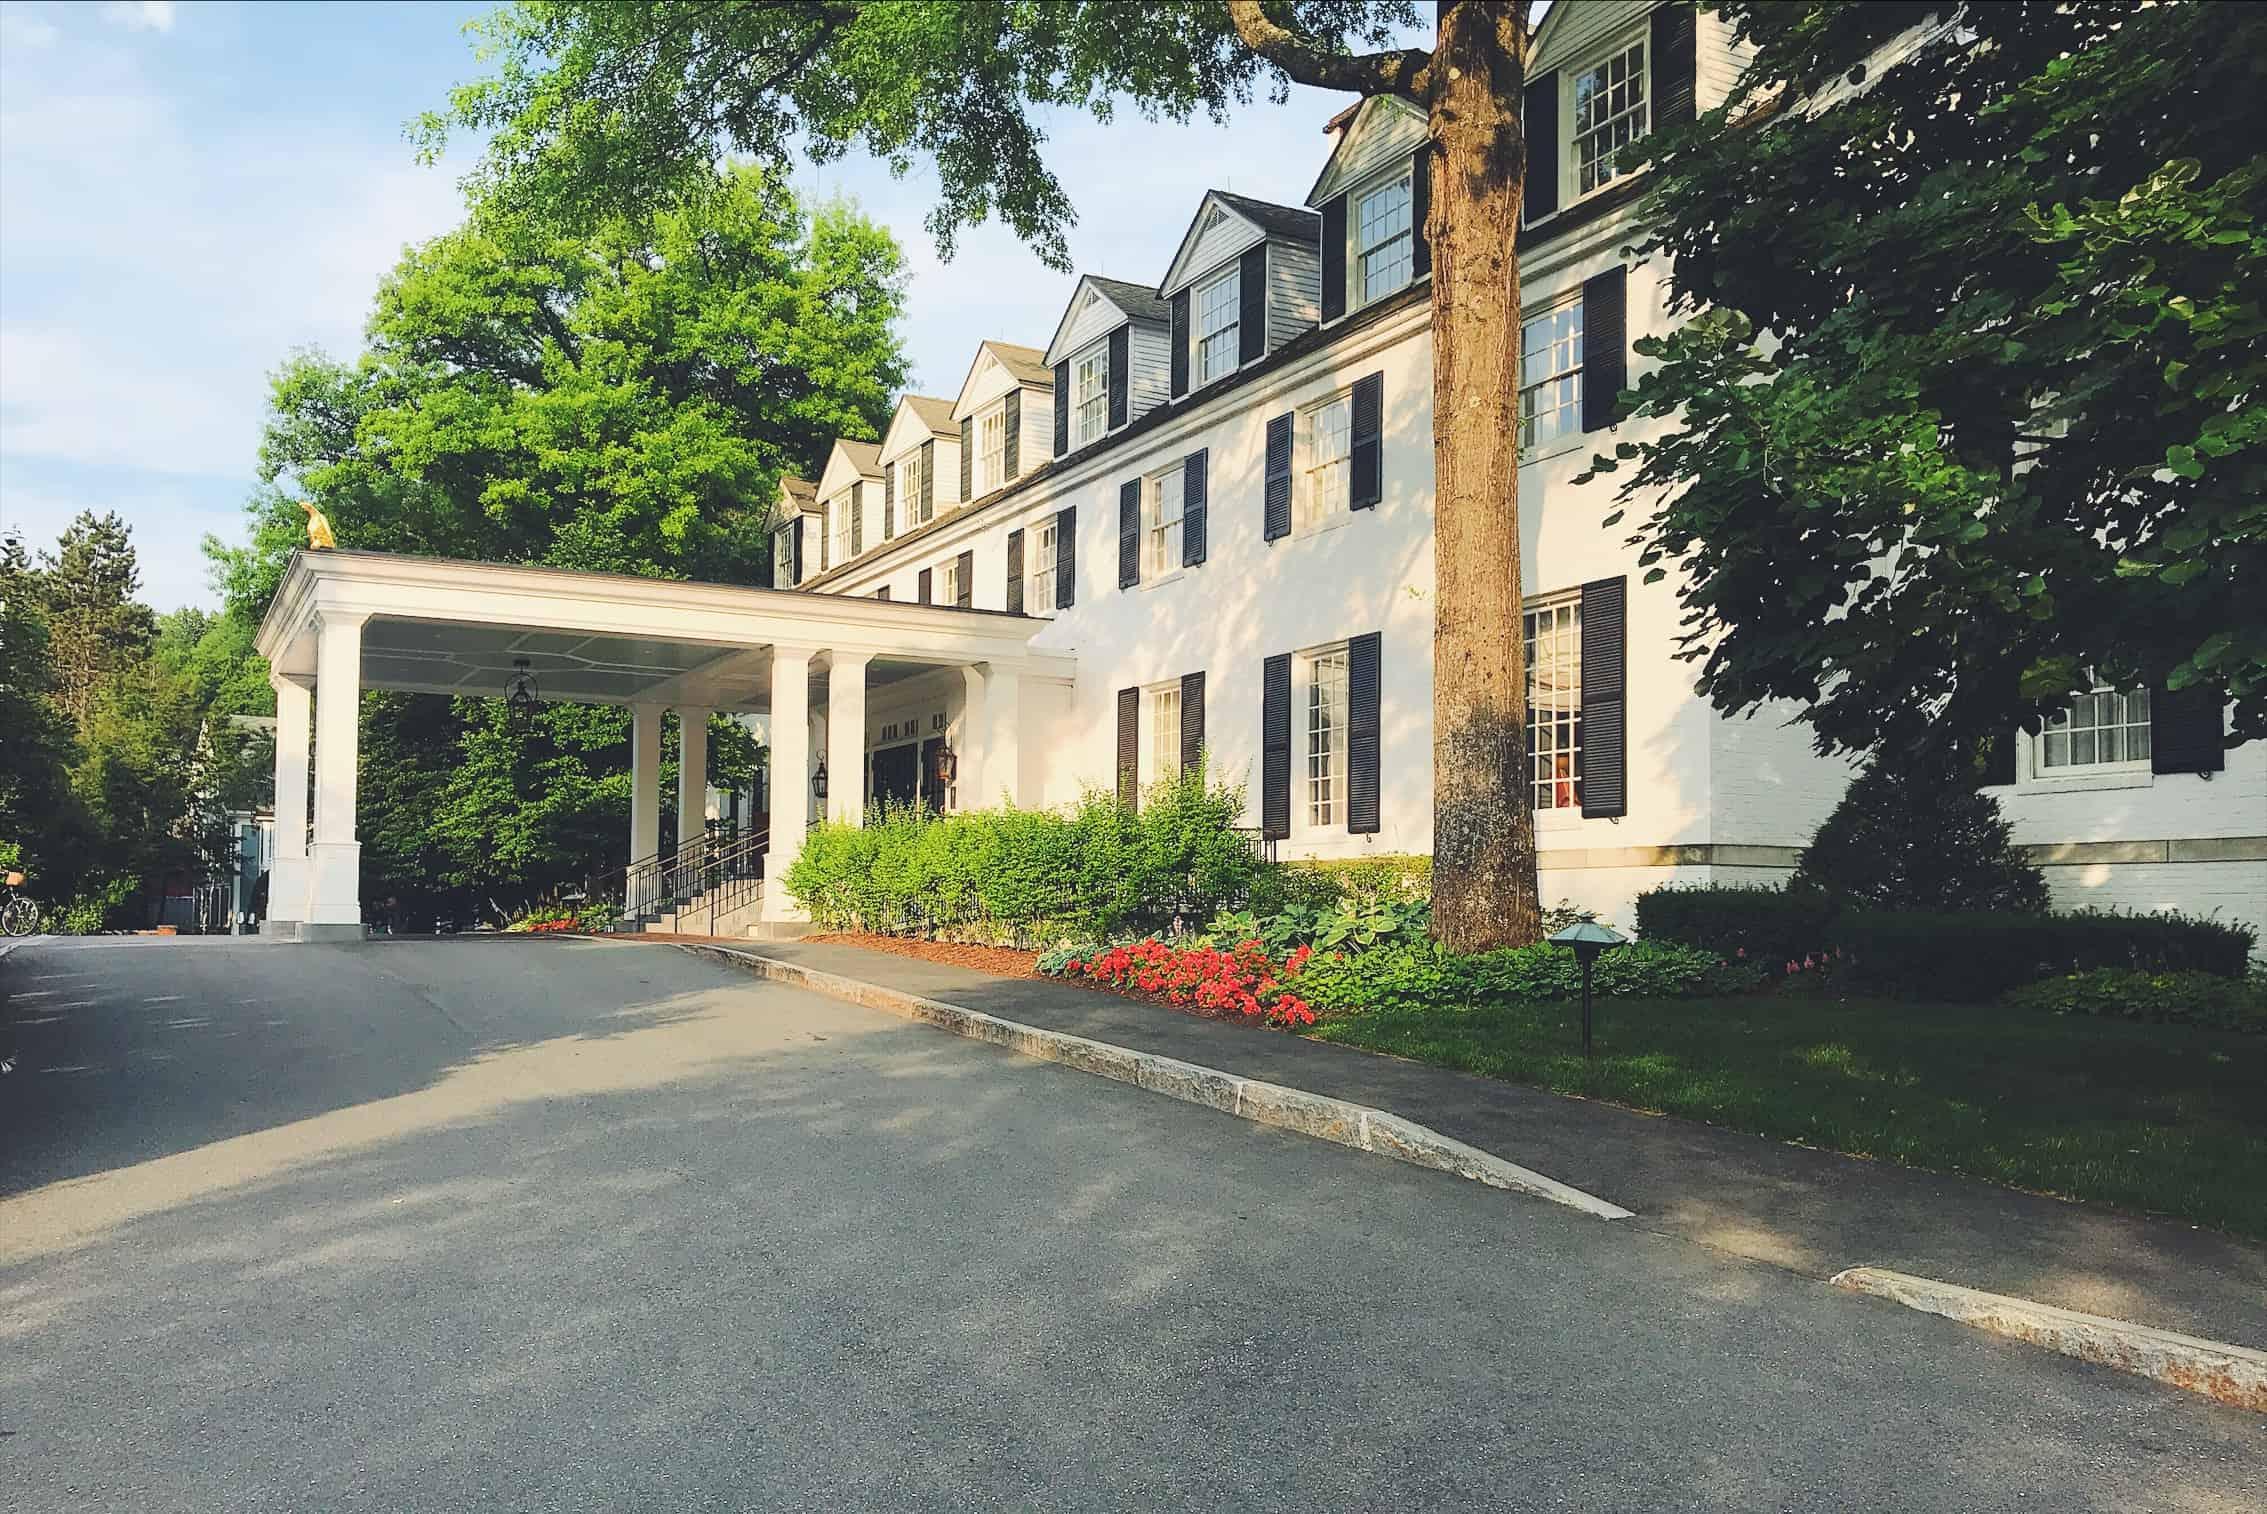 Woodstock Resort & Inn